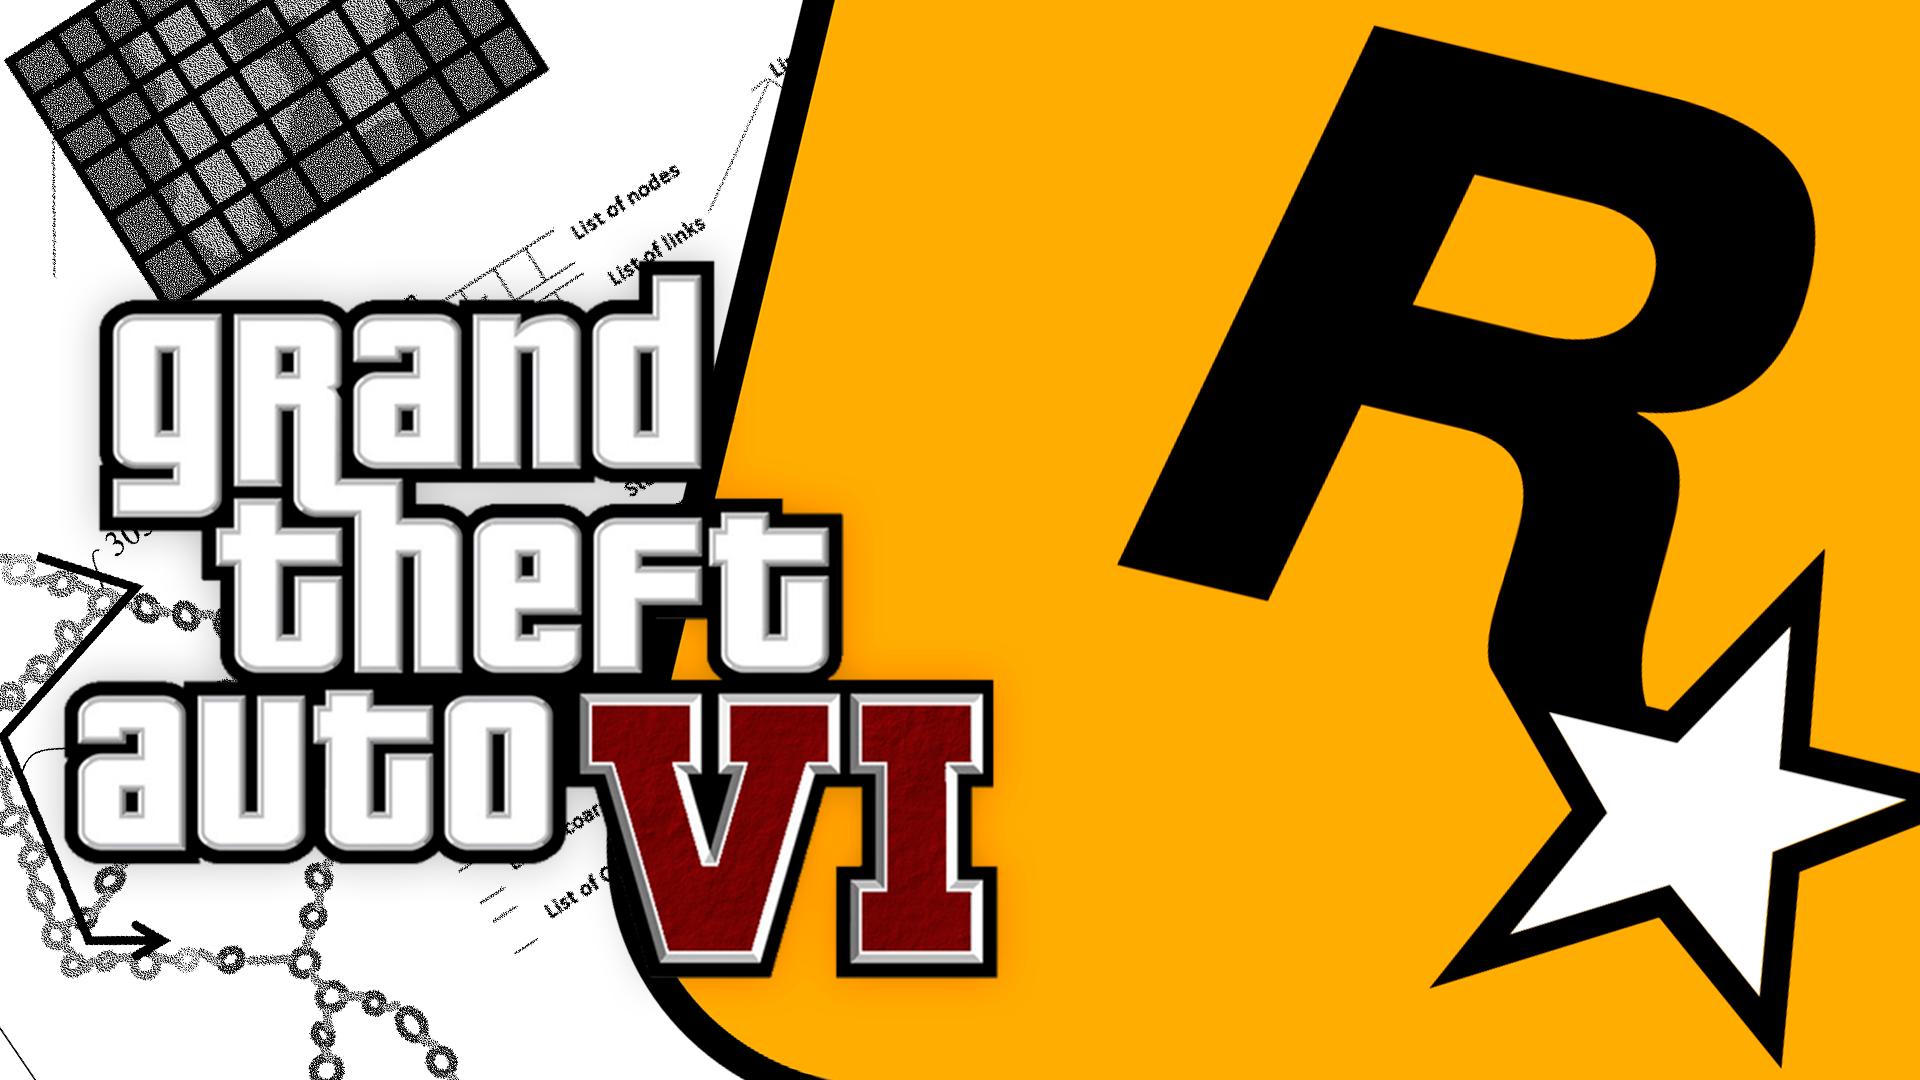 Normalmente os vazamentos de GTA 6 (Grand Theft Auto VI) vem de leakers, mas os melhores são quando são cometidos pela Rockstar Games.